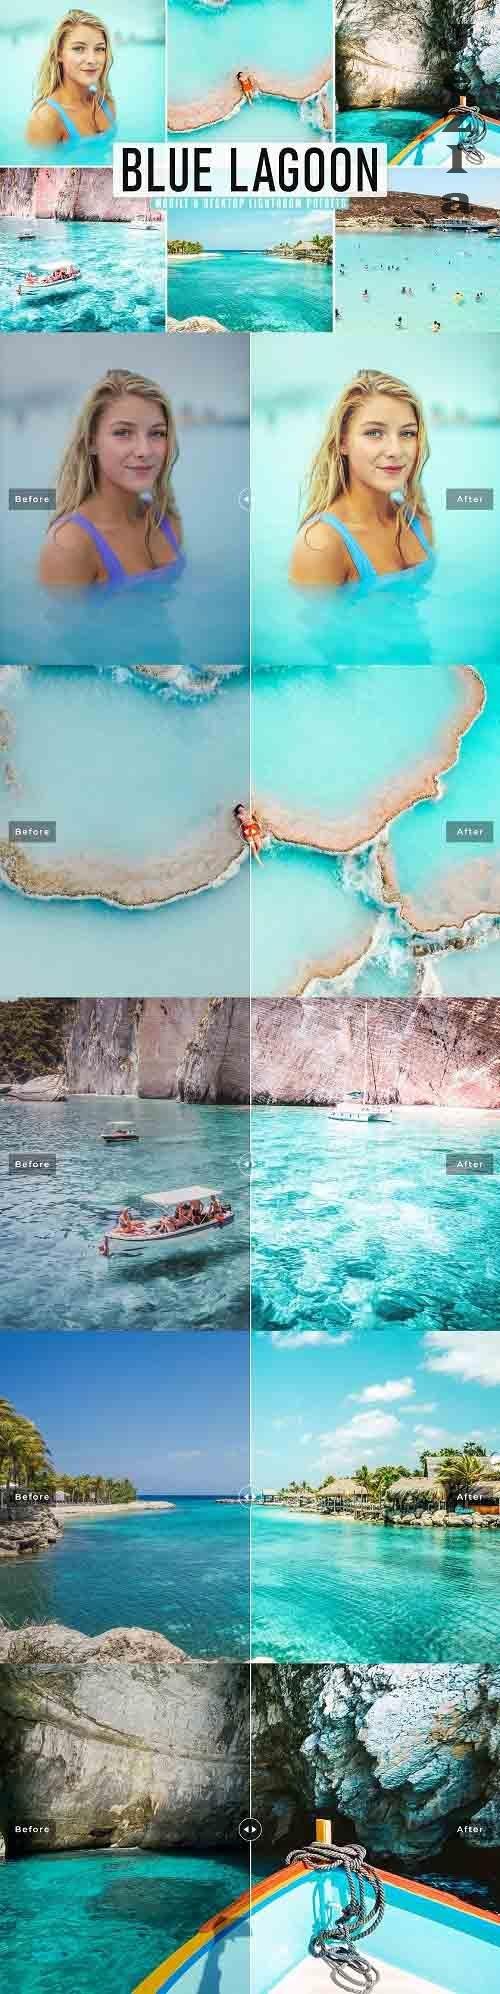 Blue Lagoon Pro Lightroom Presets - 5603624 - Mobile & Desktop